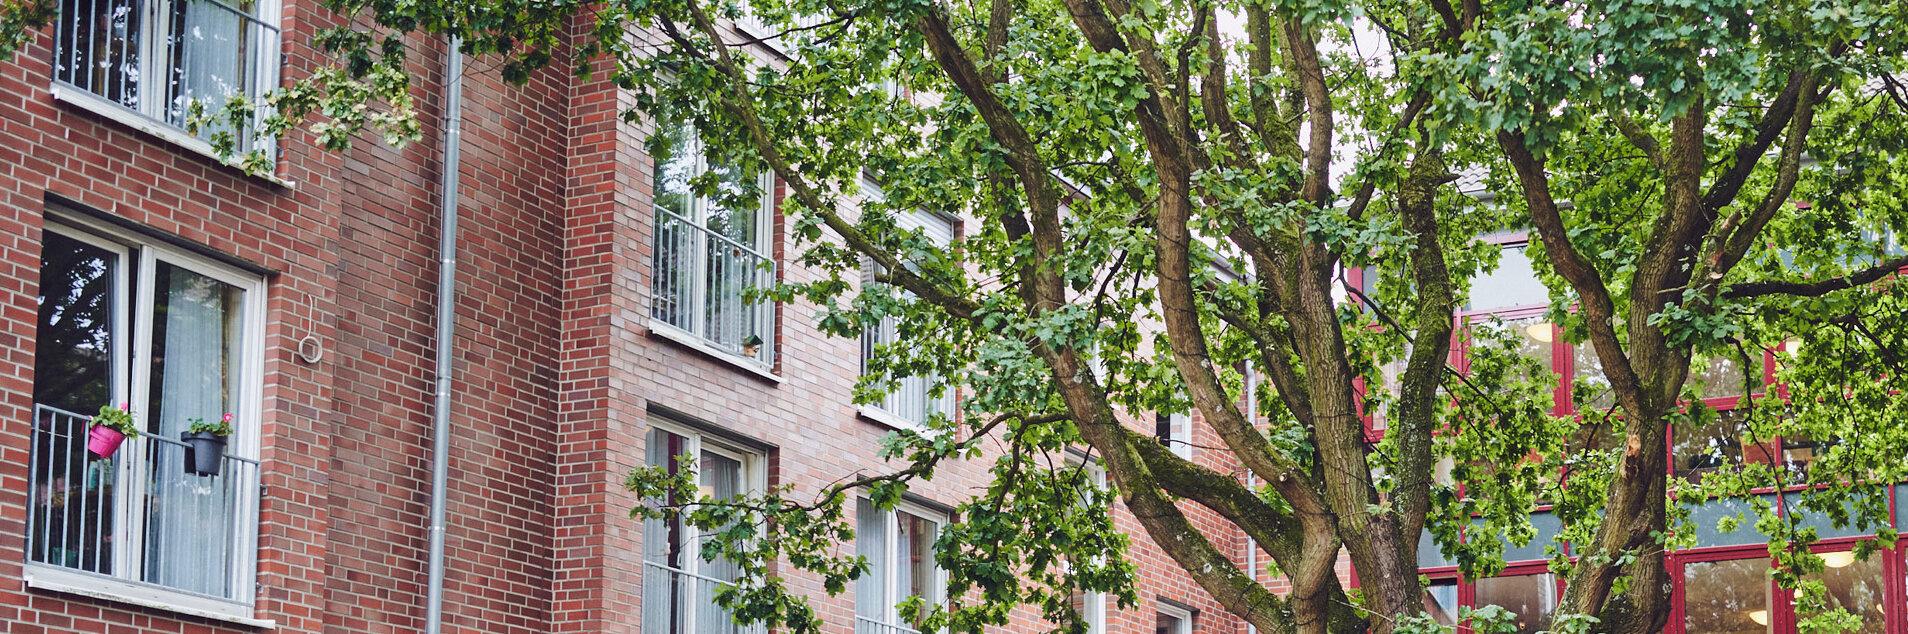 Innenhof mit großem Baum und Bank zum Ein- und Durchgang der zwei Häuser im Johannter-Zentrum Kaarst.